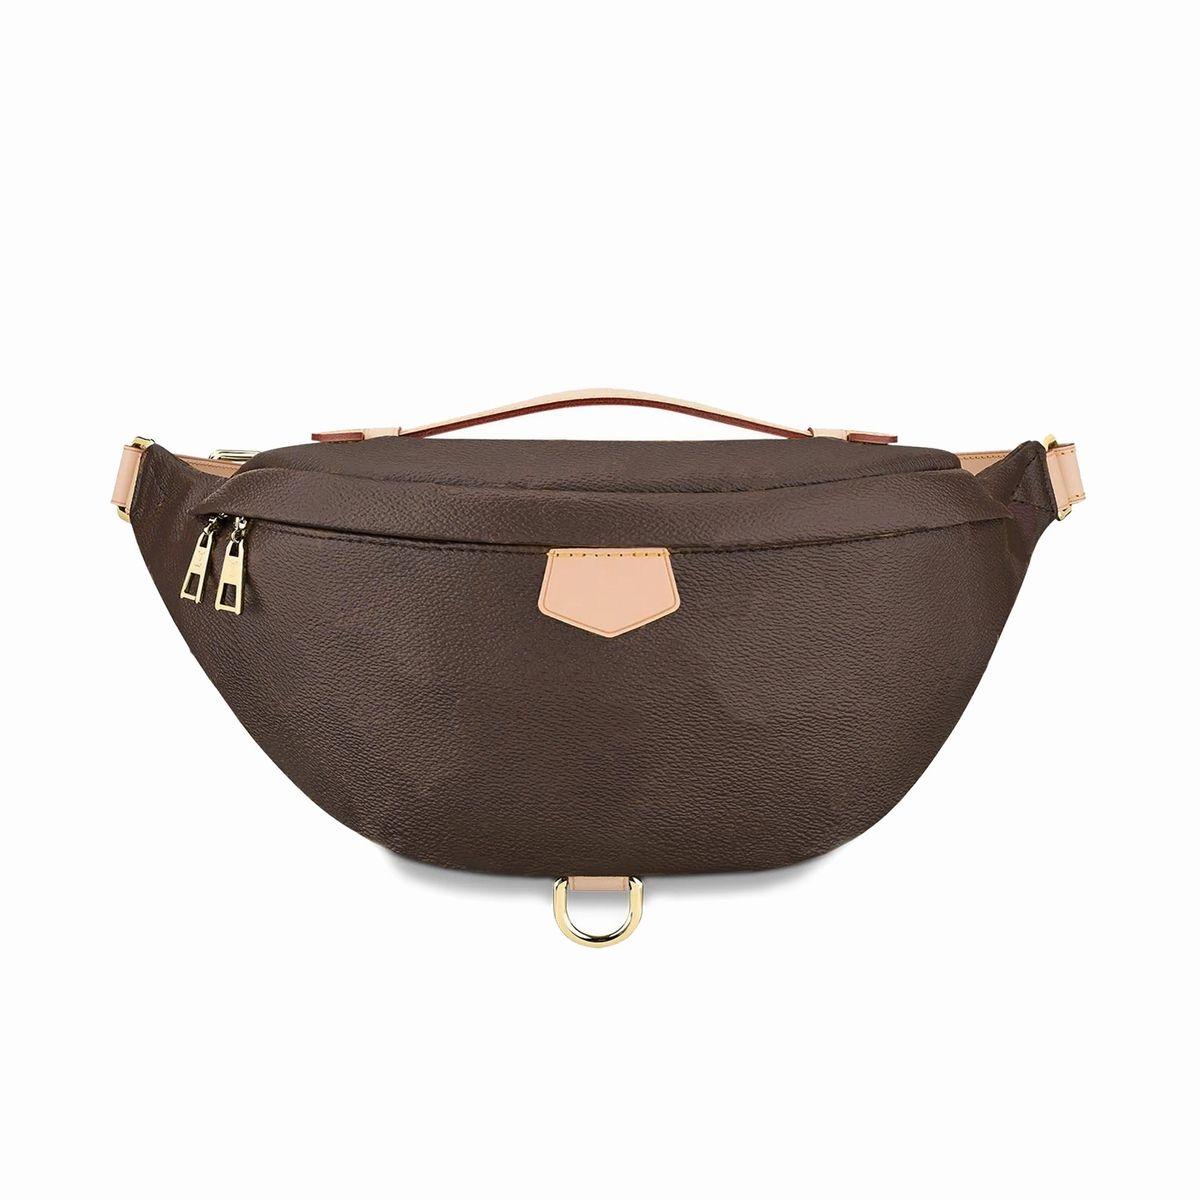 En Kaliteli Moda PU Deri Kahverengi Çiçek Çanta Kadın Çanta Tasarımcısı Fanny Paketleri Ünlü Bel Çanta Çanta Bayan Kemer Göğüs Çantası Cüzdan